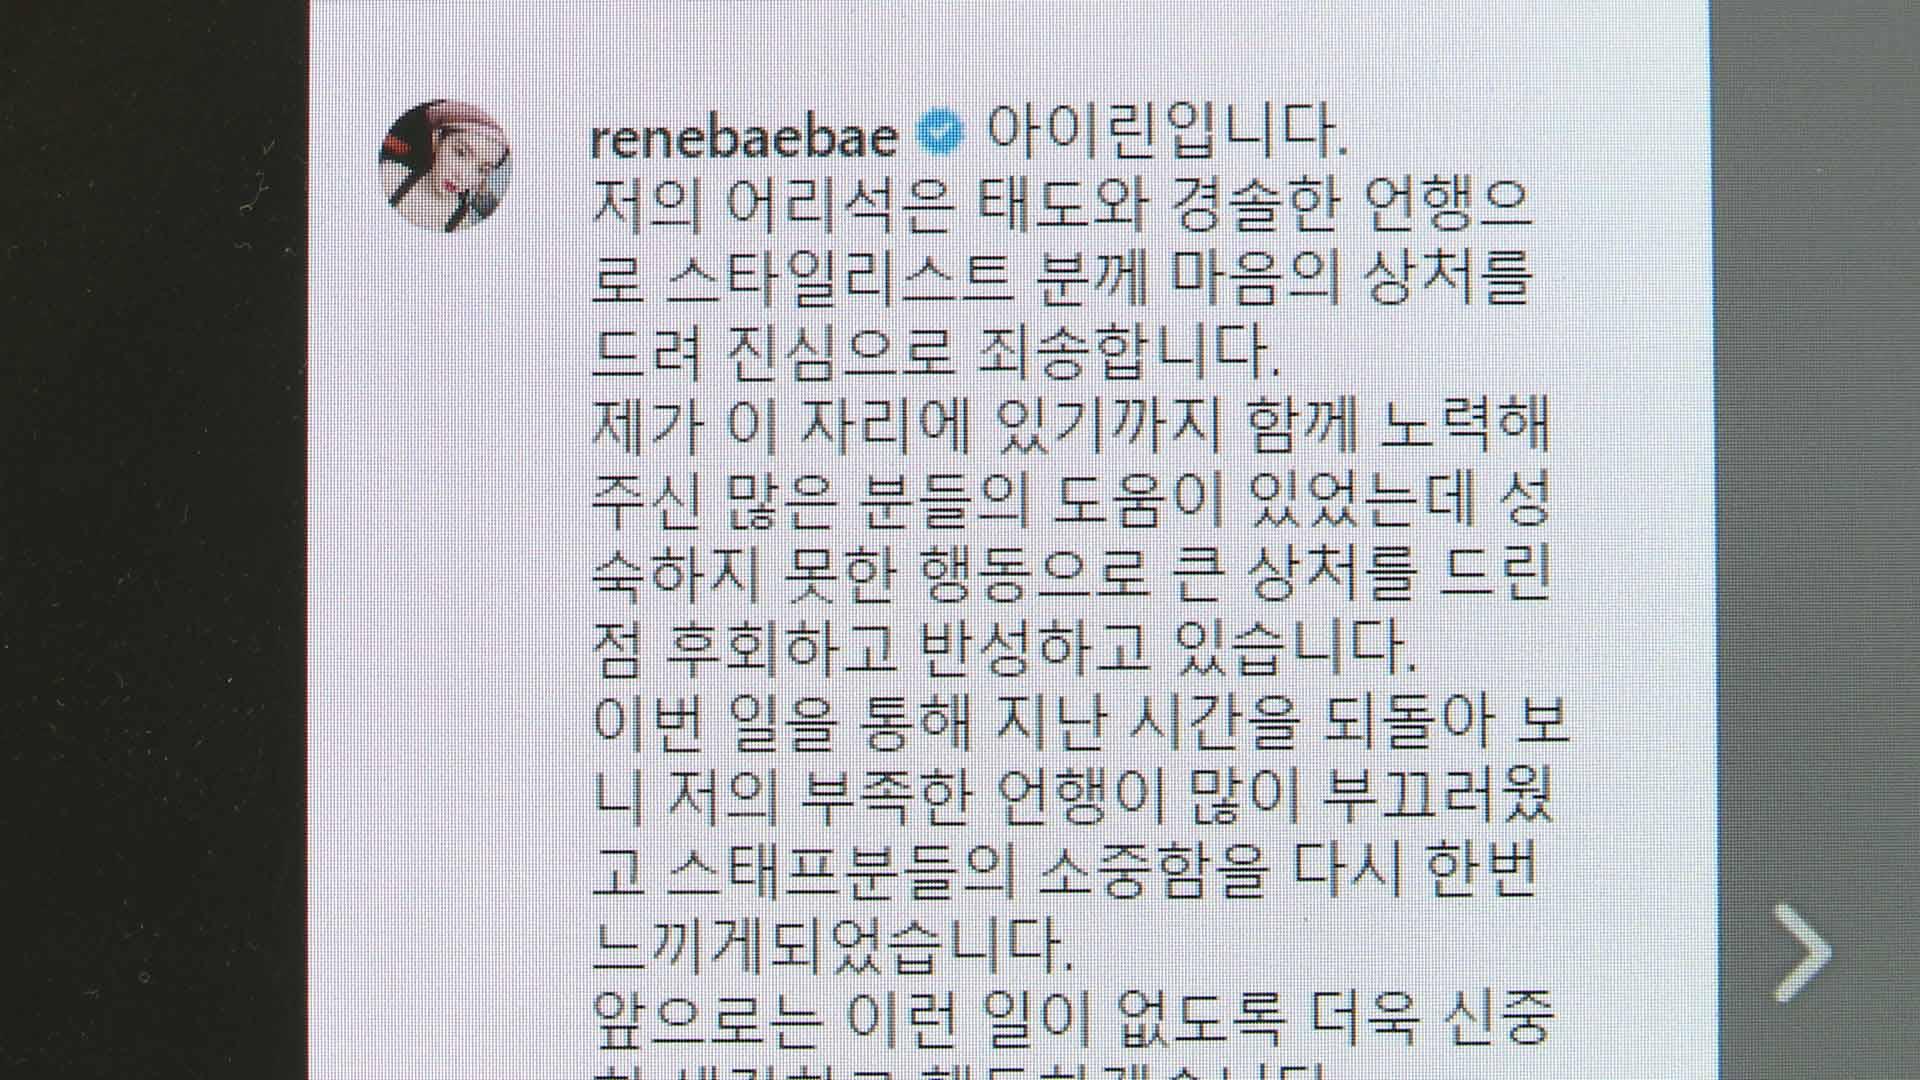 """[SNS 핫피플] 스타일리스트에 '갑질' 논란 아이린 """"경솔한 언행 죄송"""" 外"""